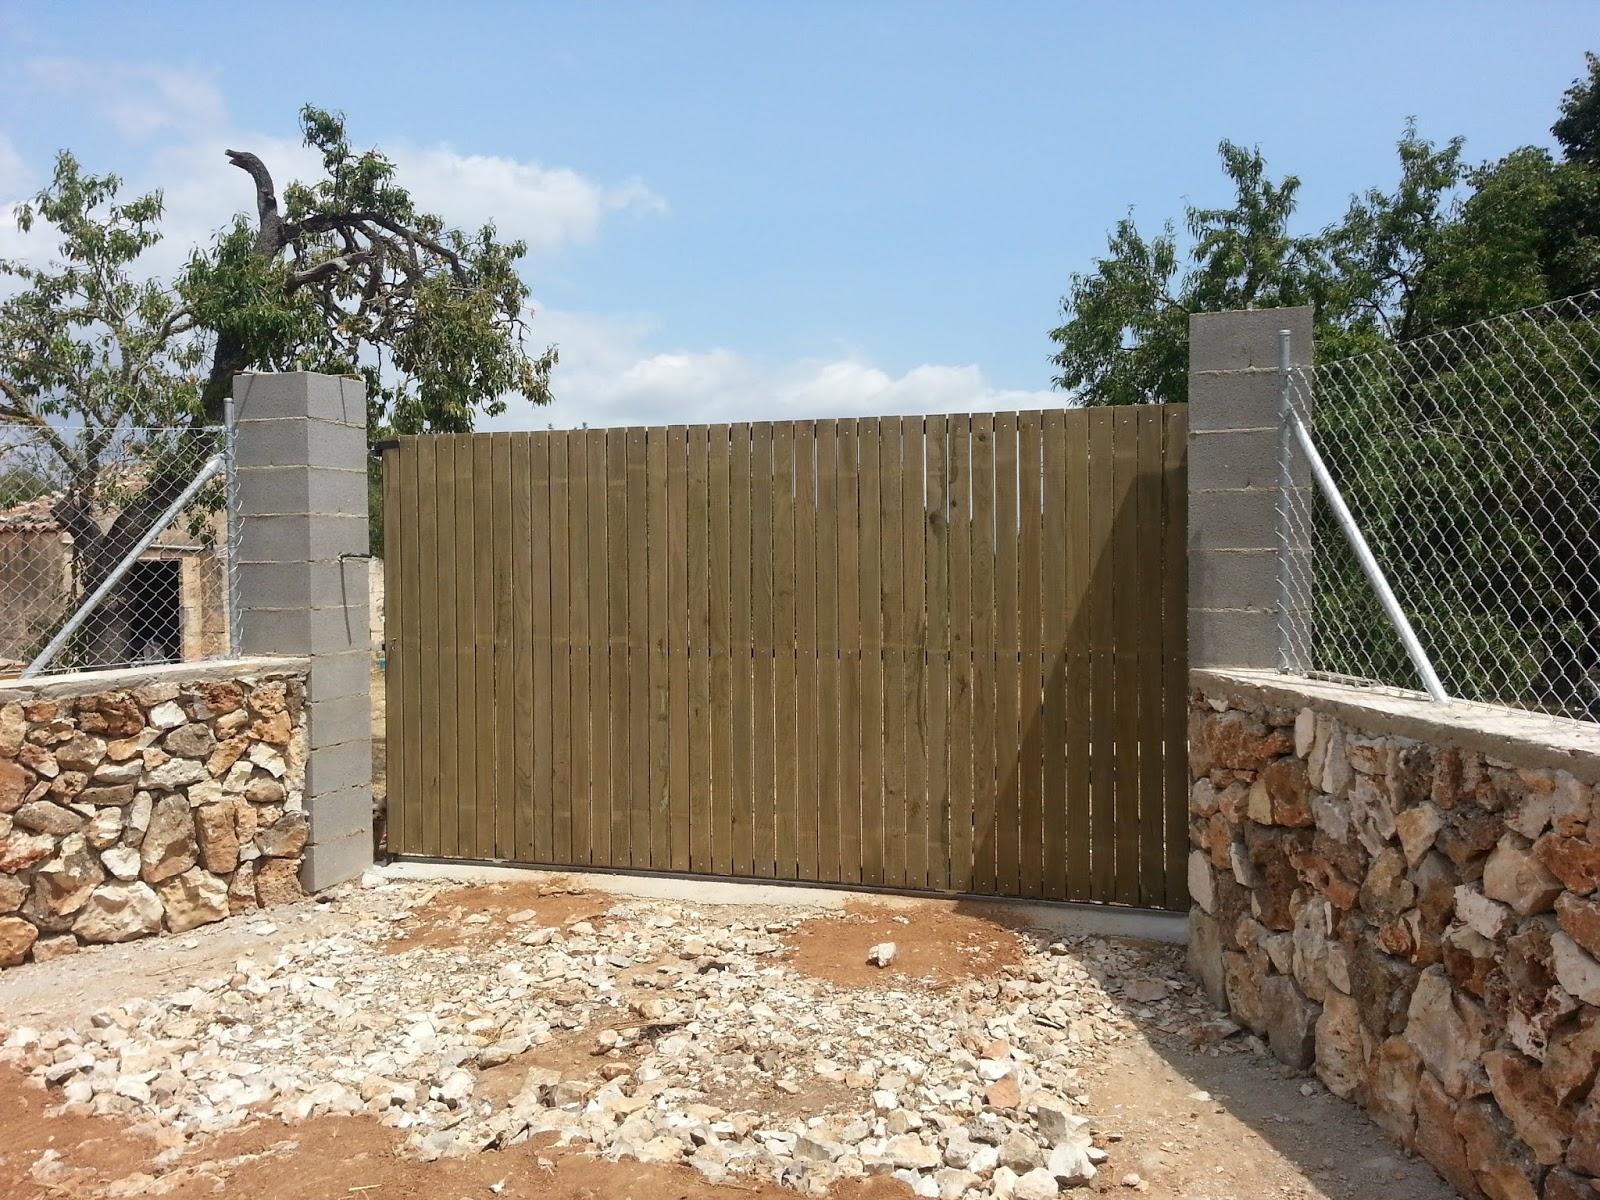 Puertas correderas de hierro revestidas de madera para fincas rusricas barrera colocada en muro - Cierres de madera para fincas ...